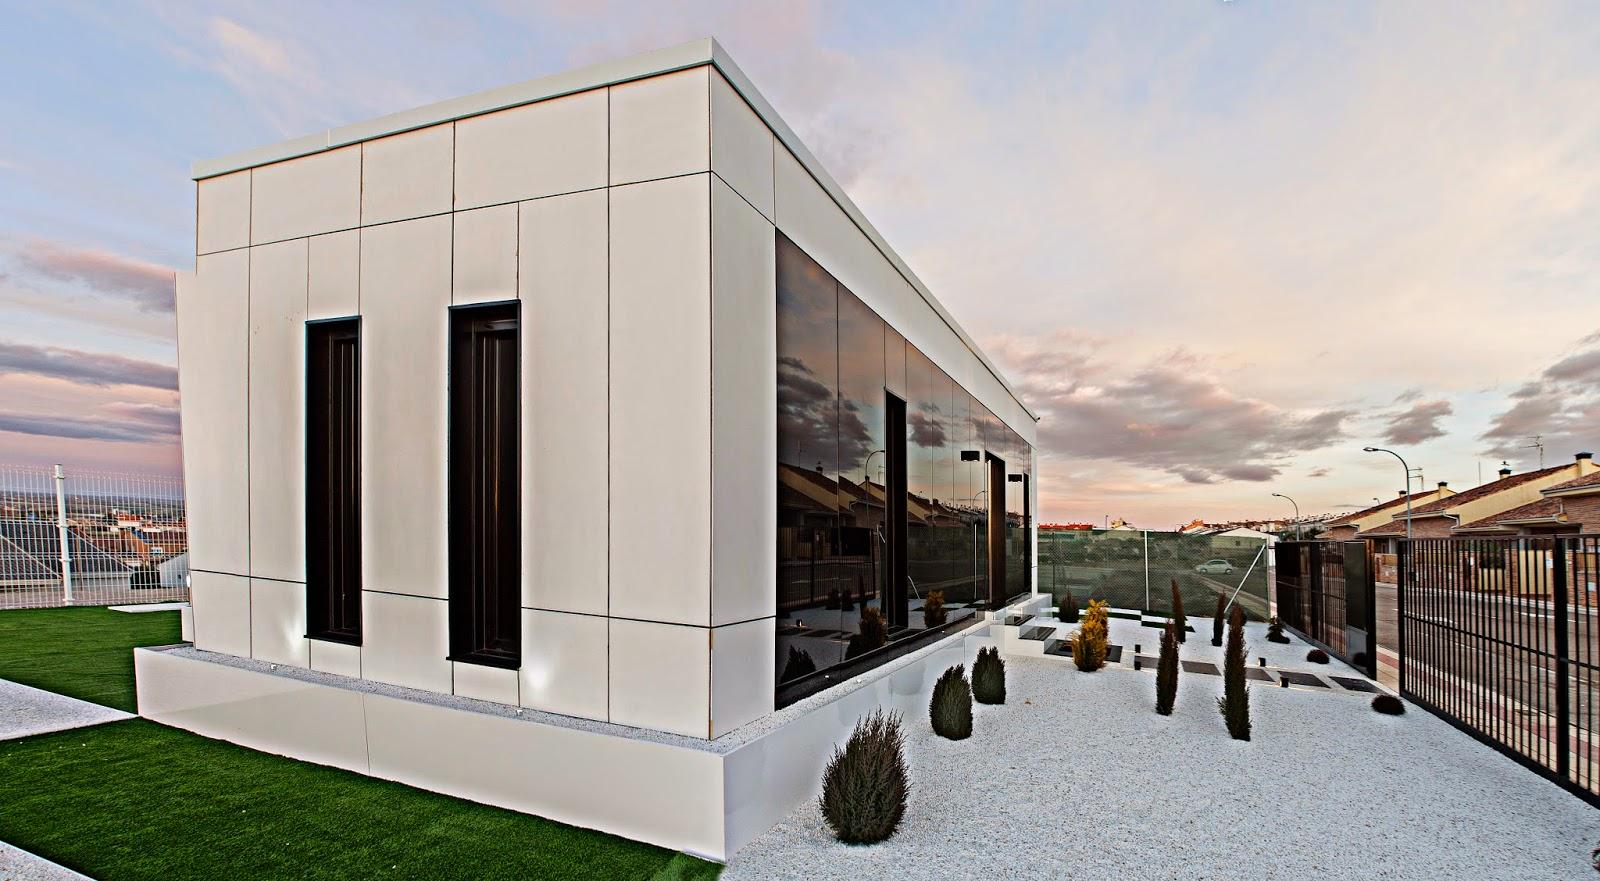 Vivienda modular Resan modelo loft